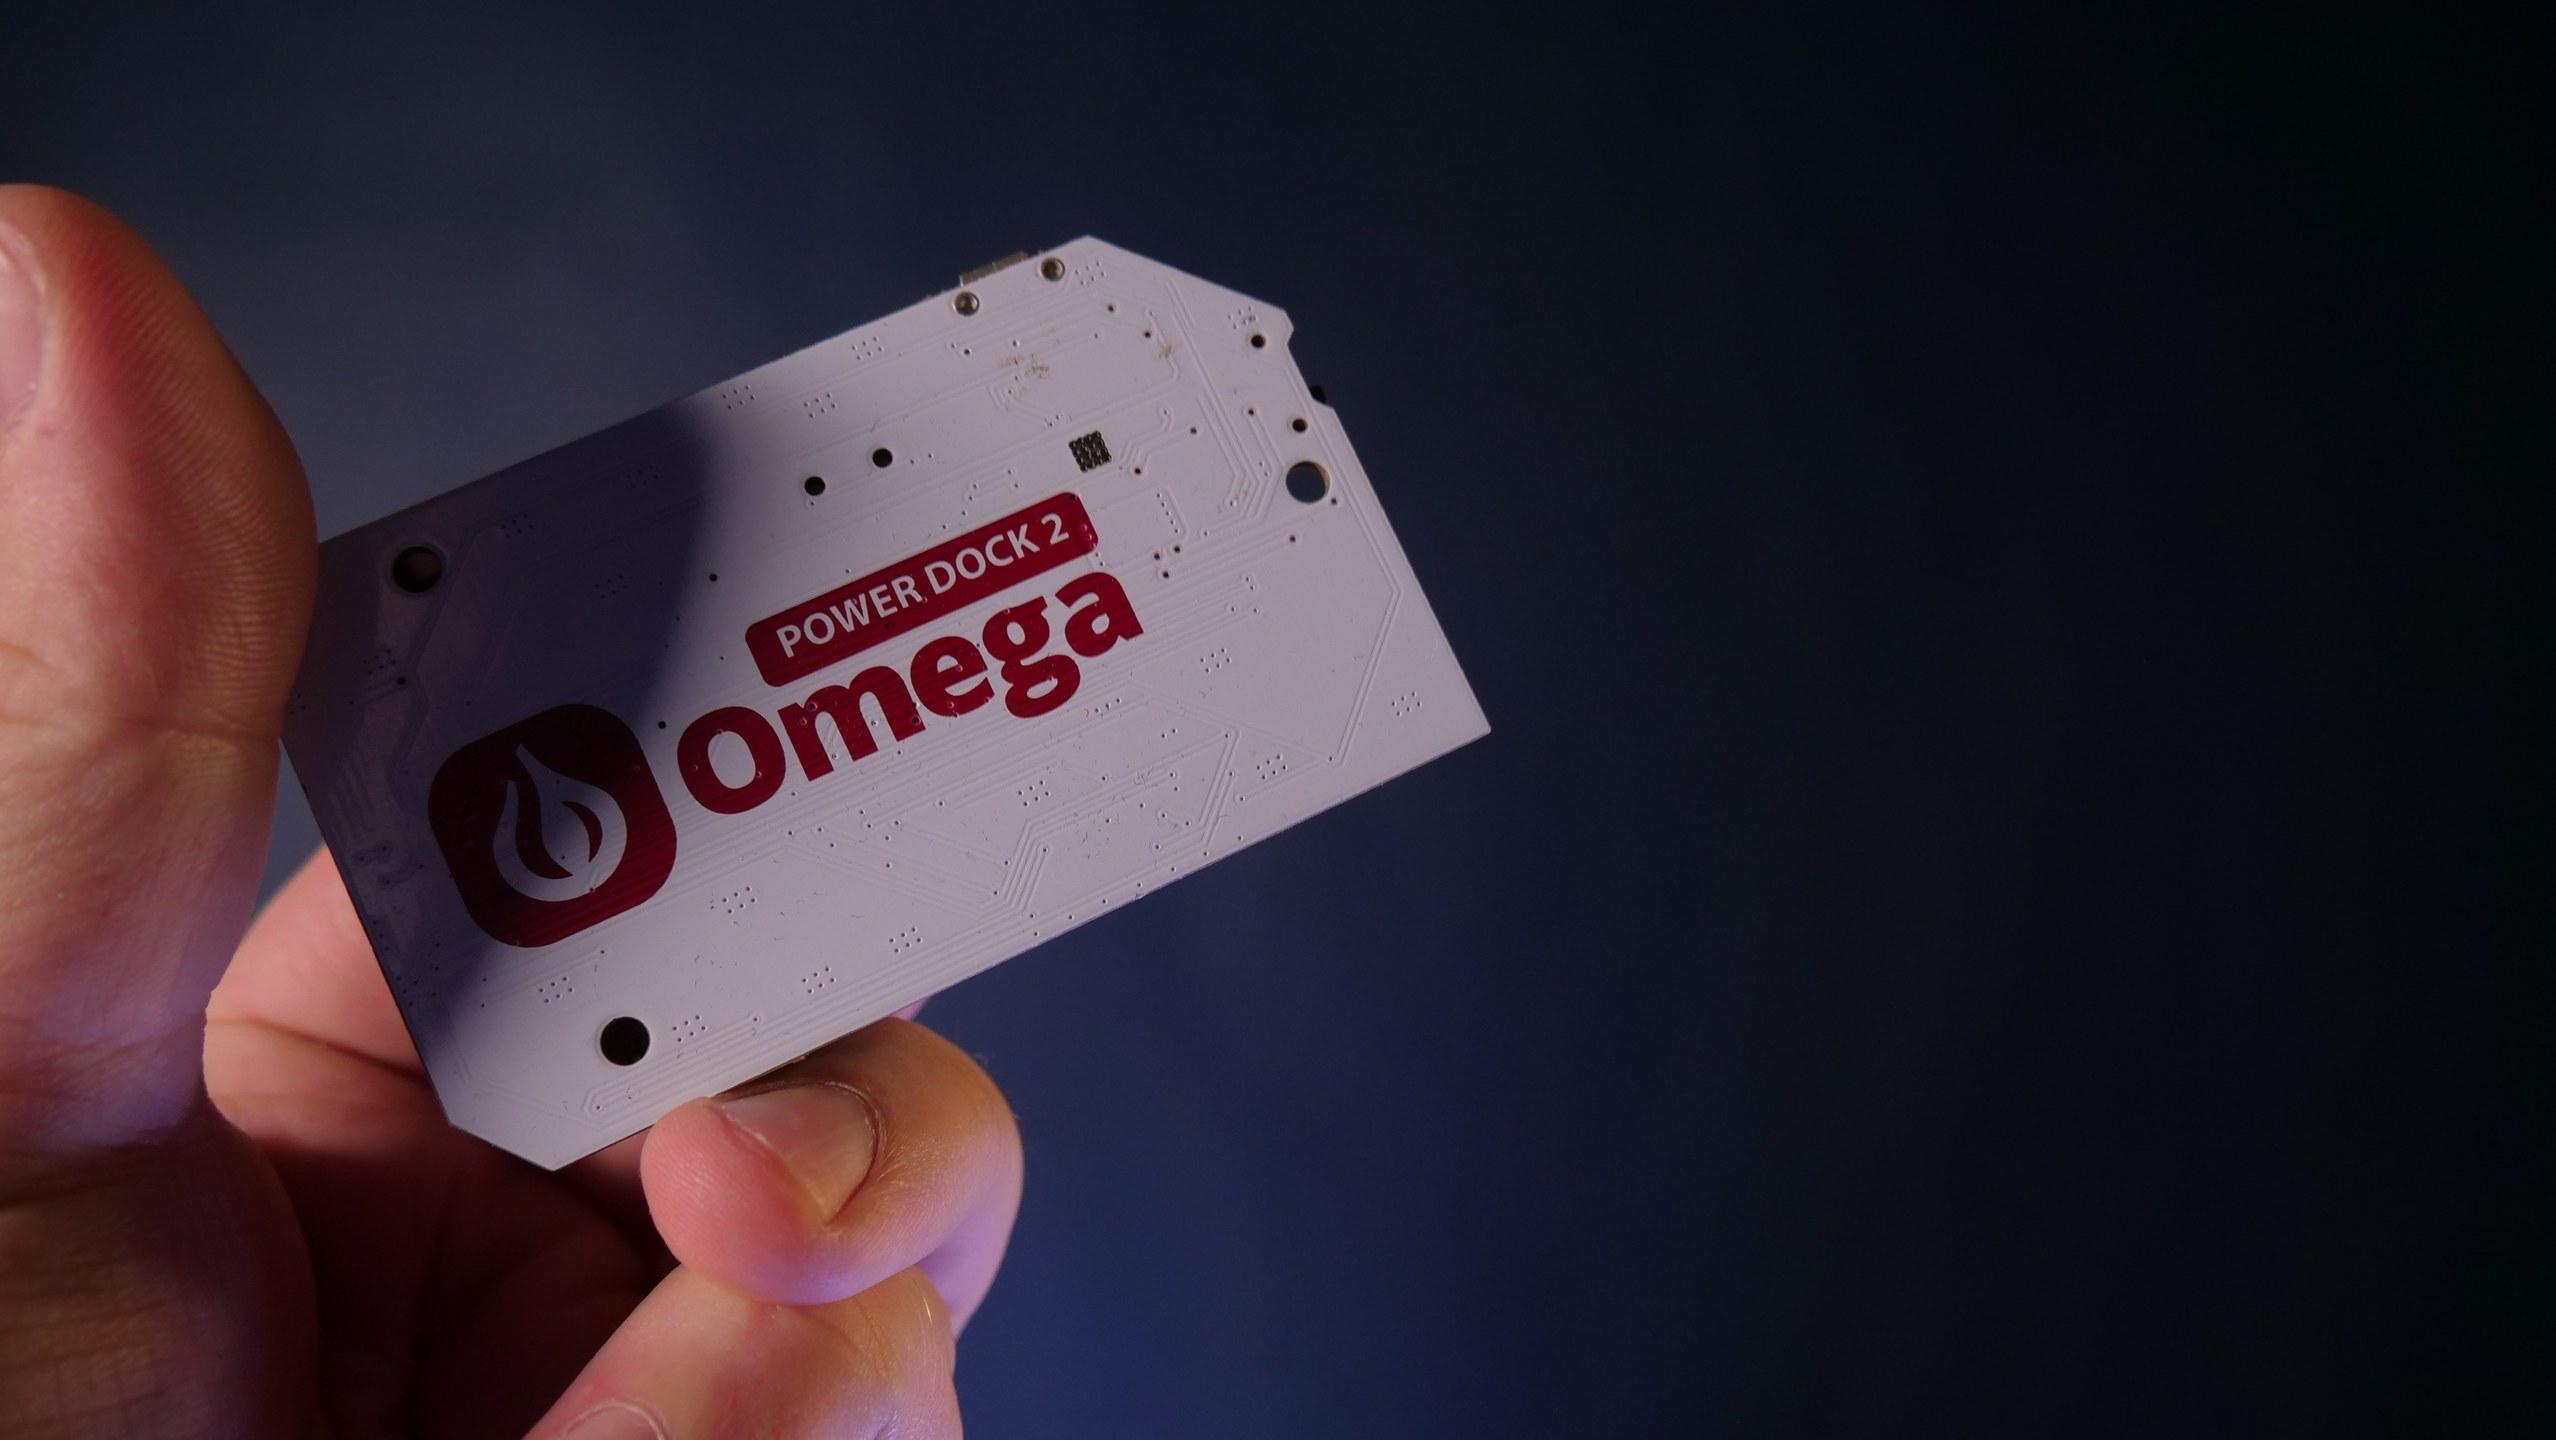 Onion Omega 2